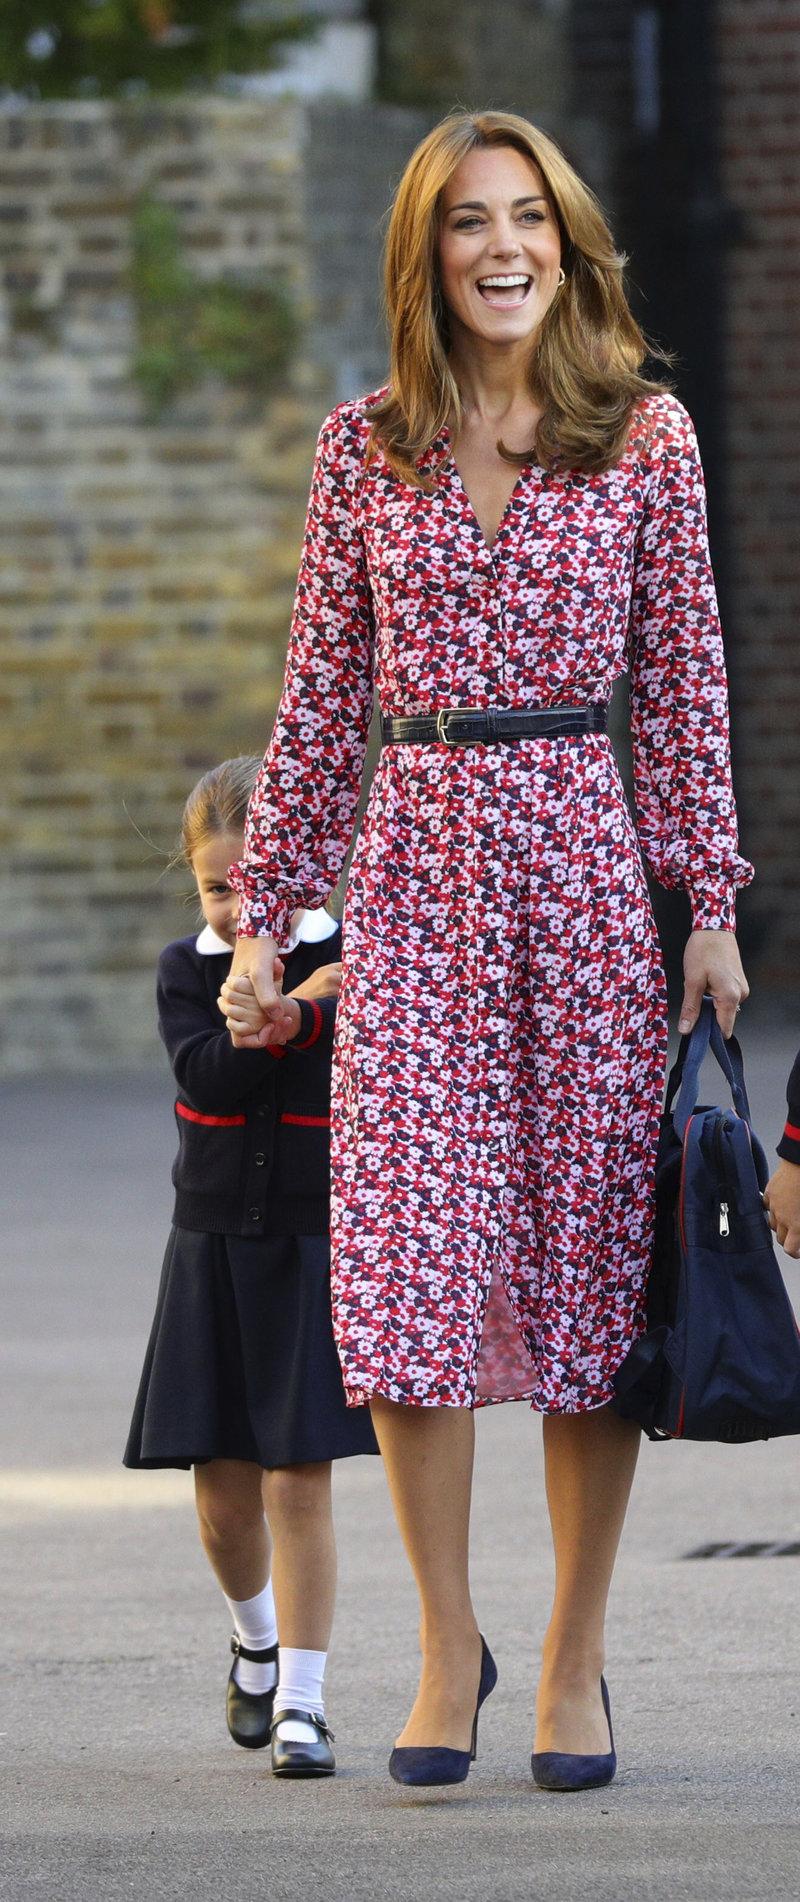 Κέιτ Μίντλετον πριγκίπισσα Σάρλοτ πρώτη ημέρα στο σχολείο